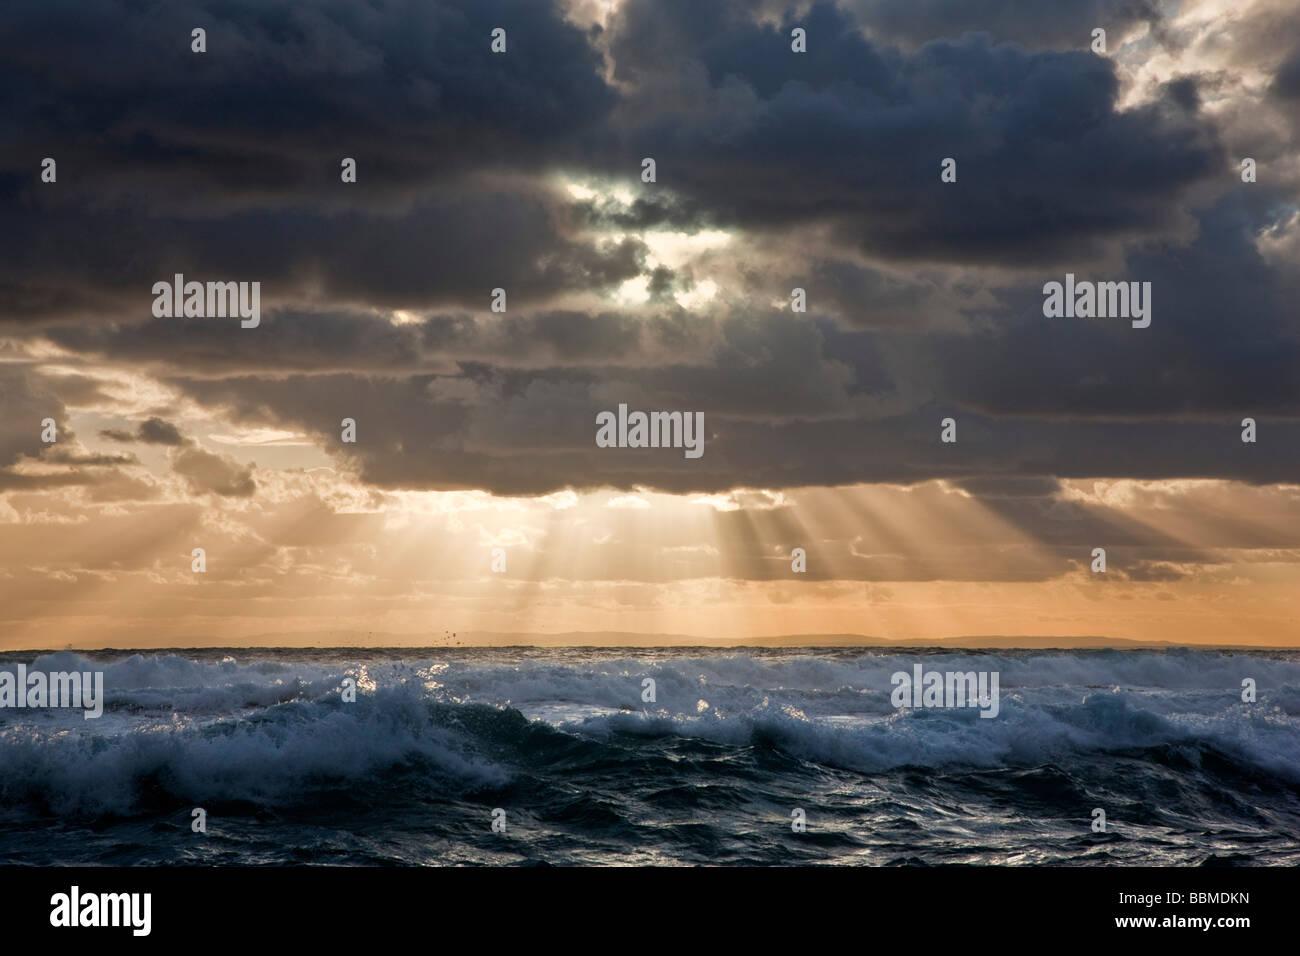 L'Australie, Victoria. En fin d'après-midi, le soleil perce les nuages menaçants sur le détroit Photo Stock